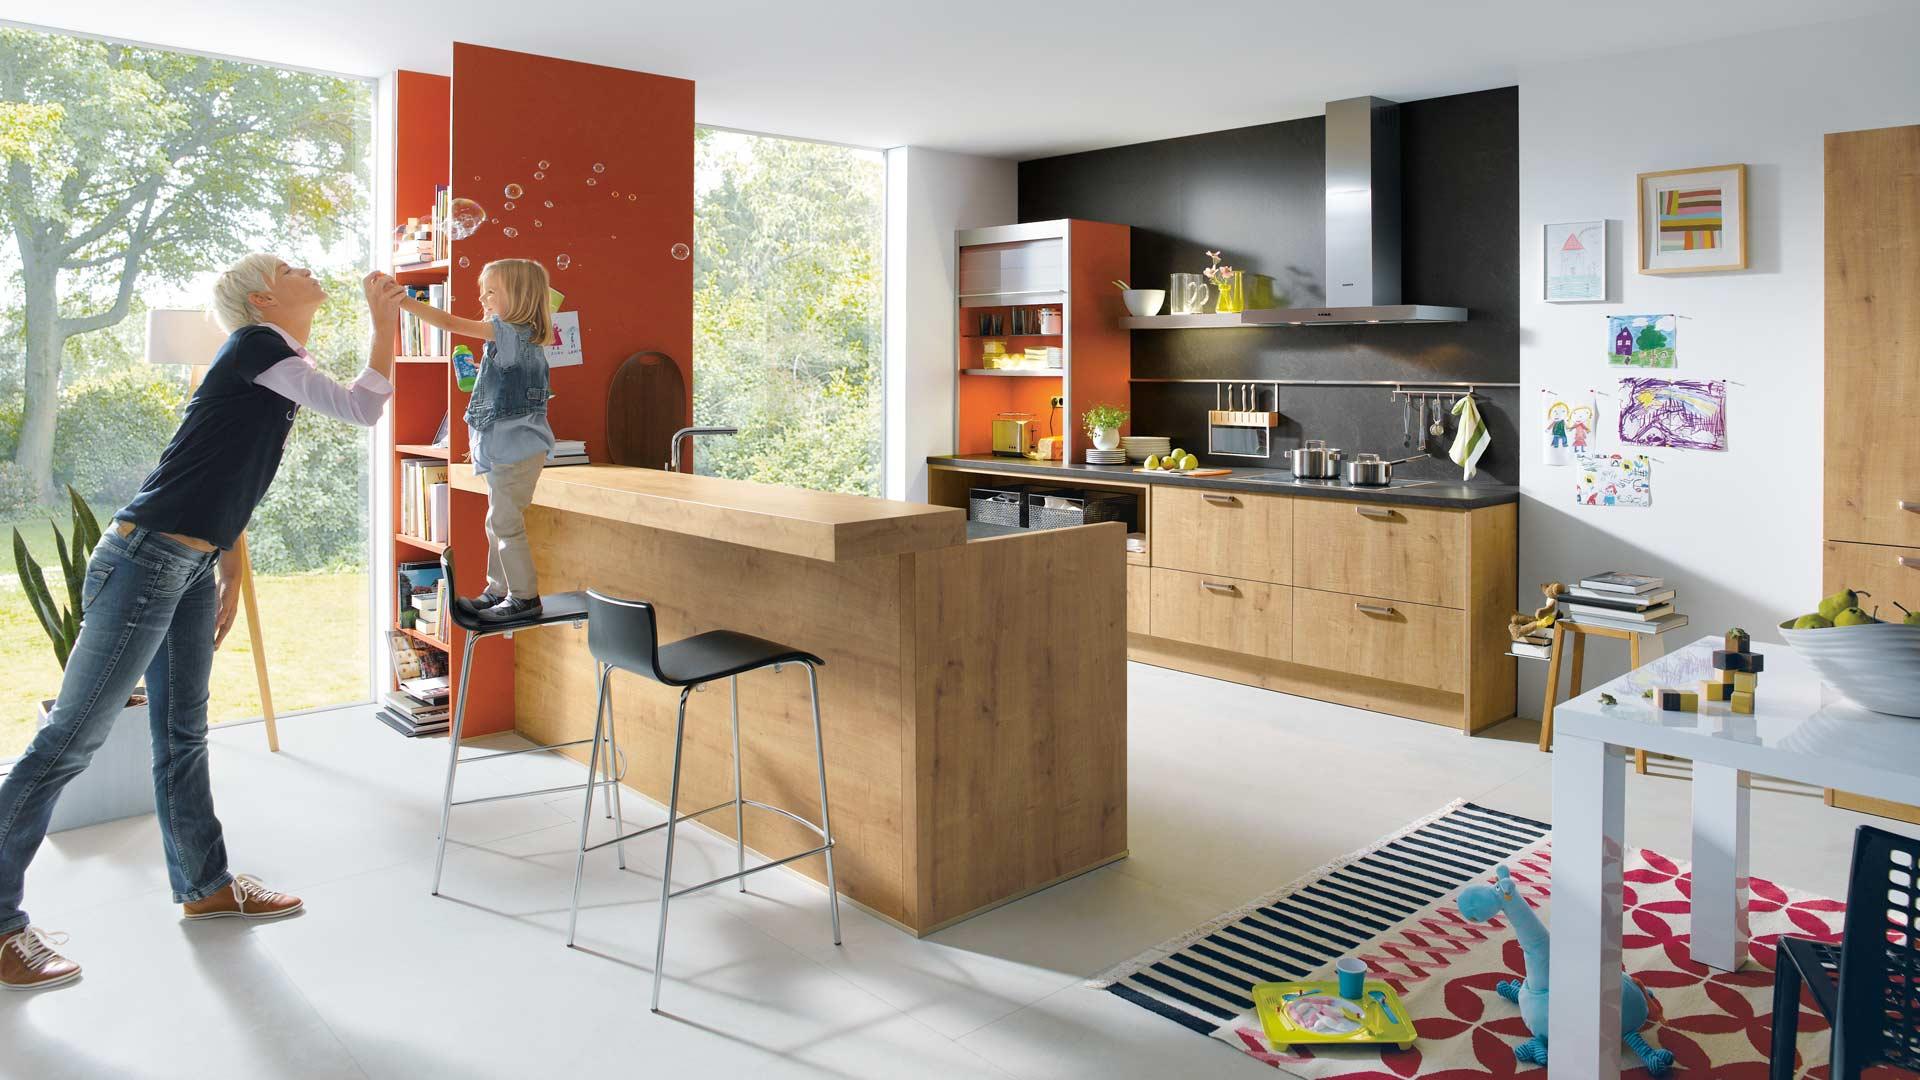 sch ller k chen h ndler zuhause image idee. Black Bedroom Furniture Sets. Home Design Ideas